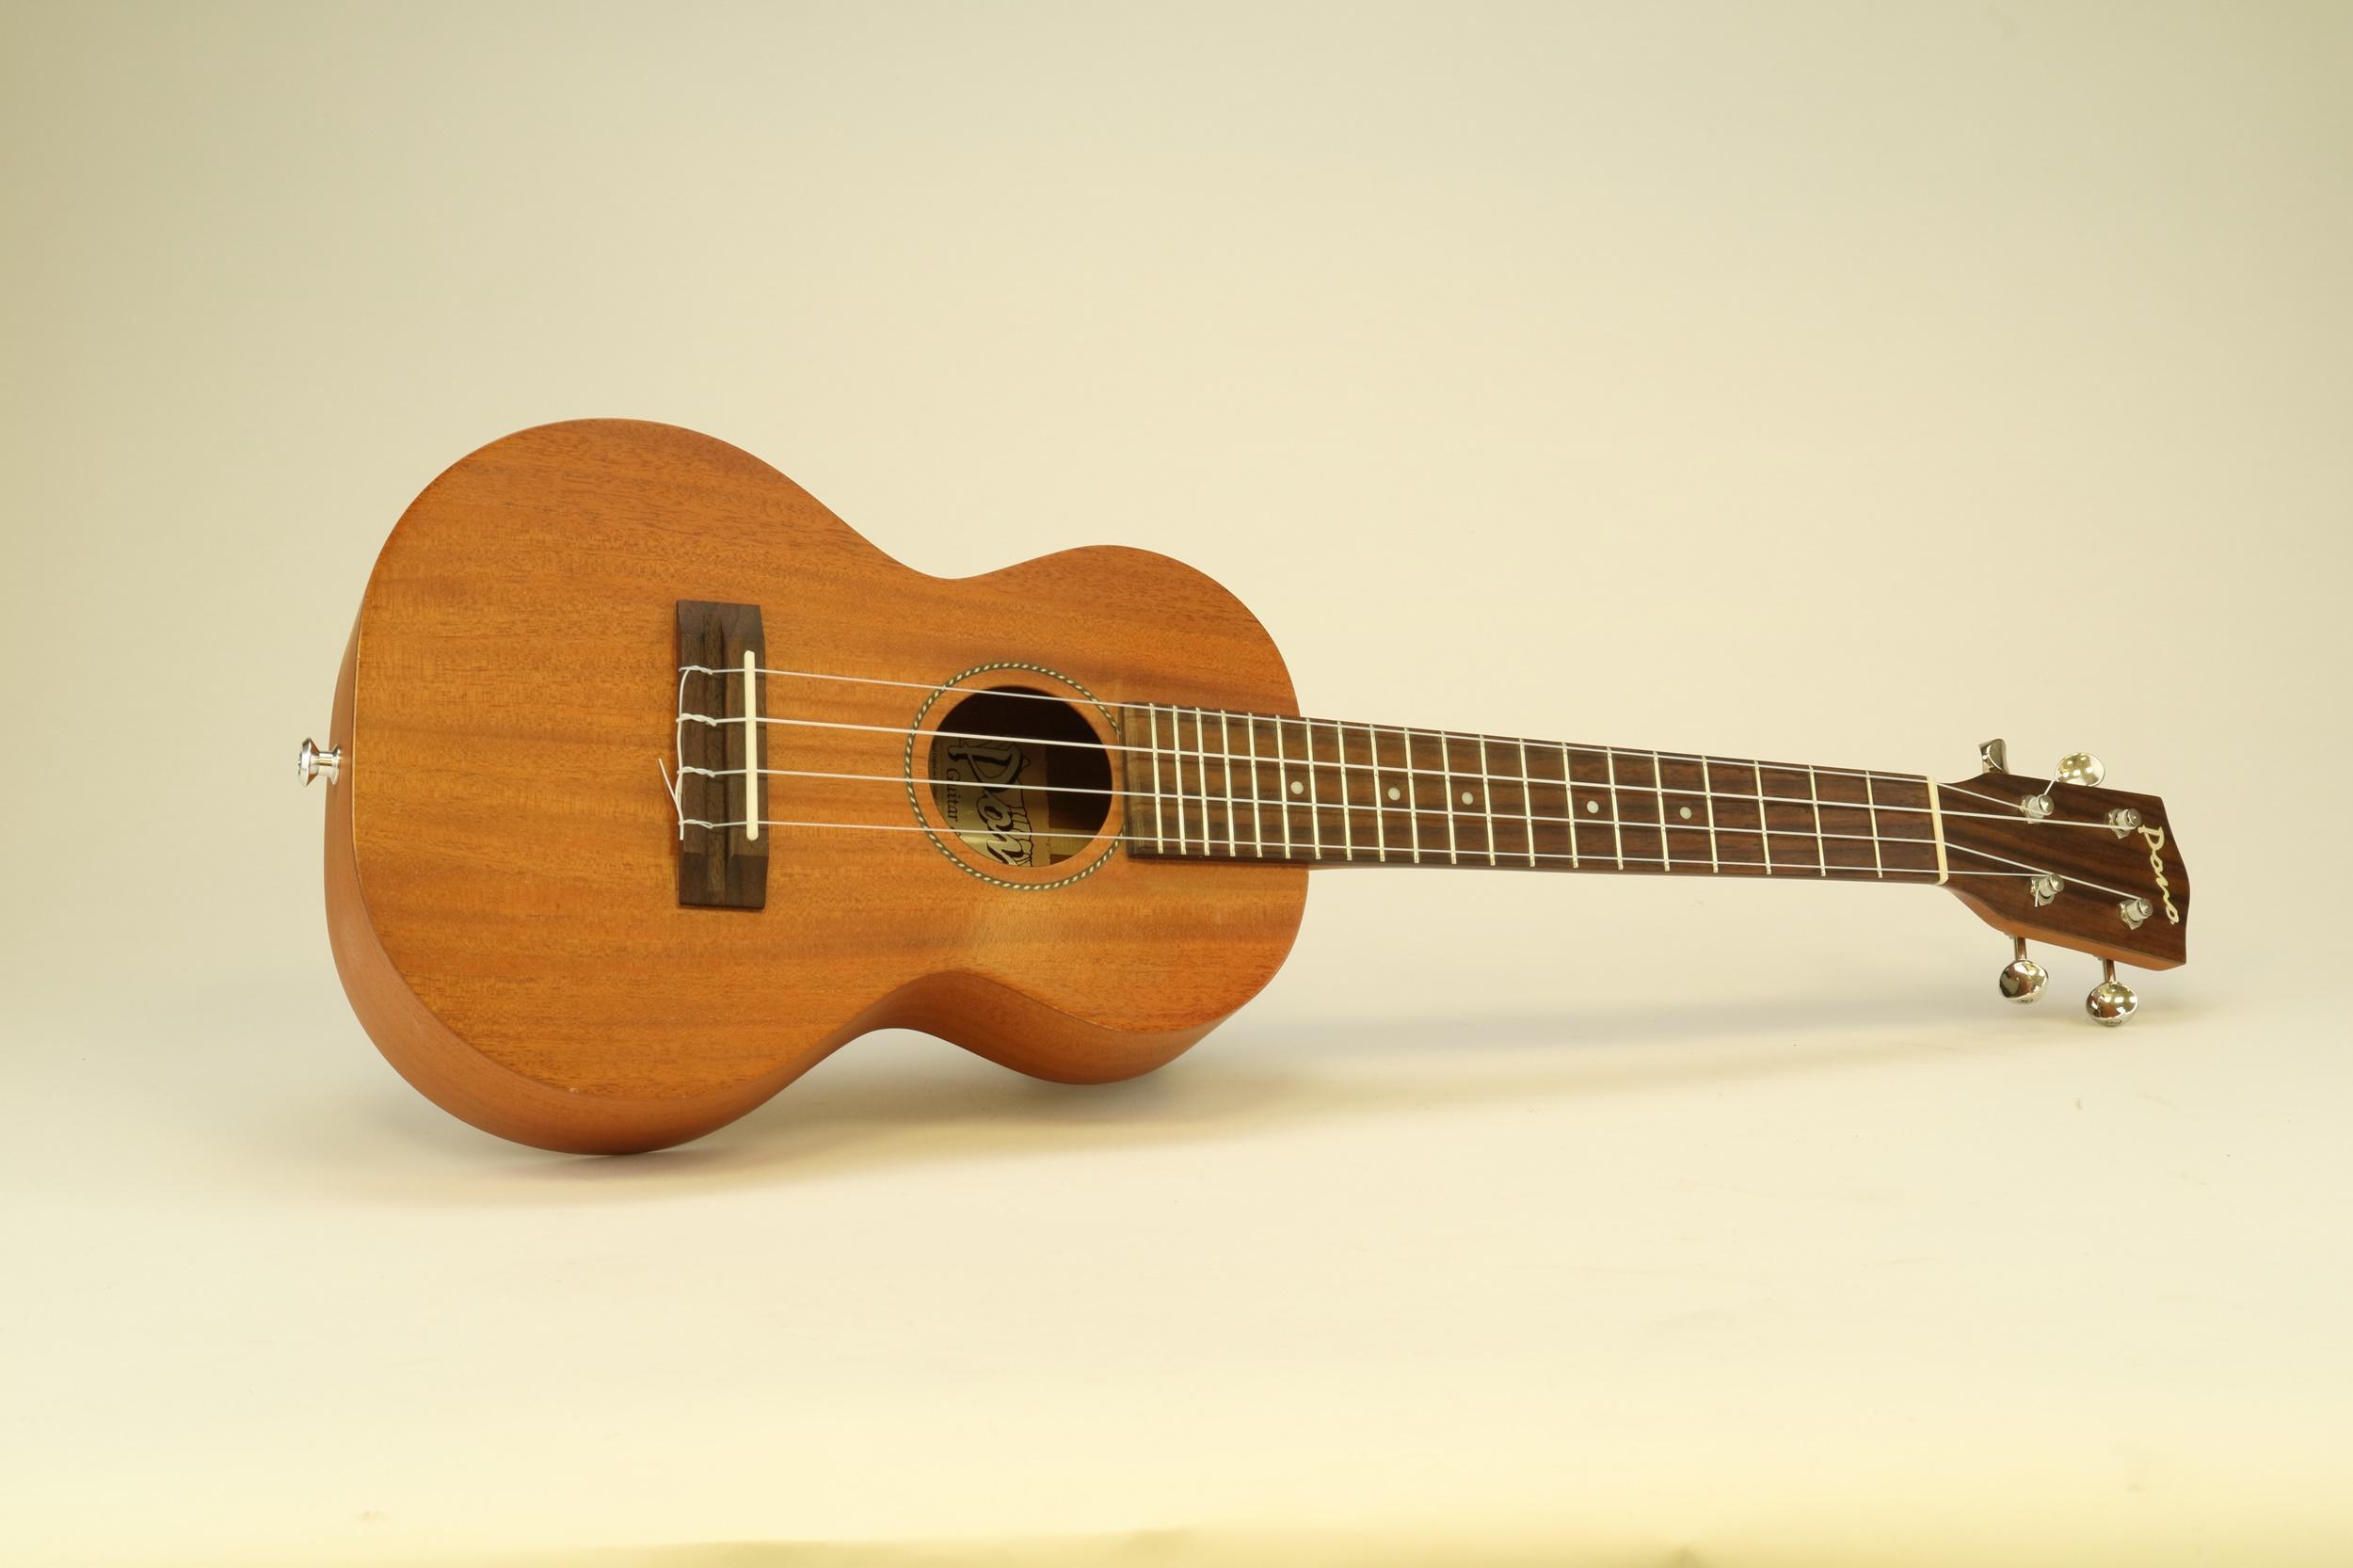 Pono ukulele